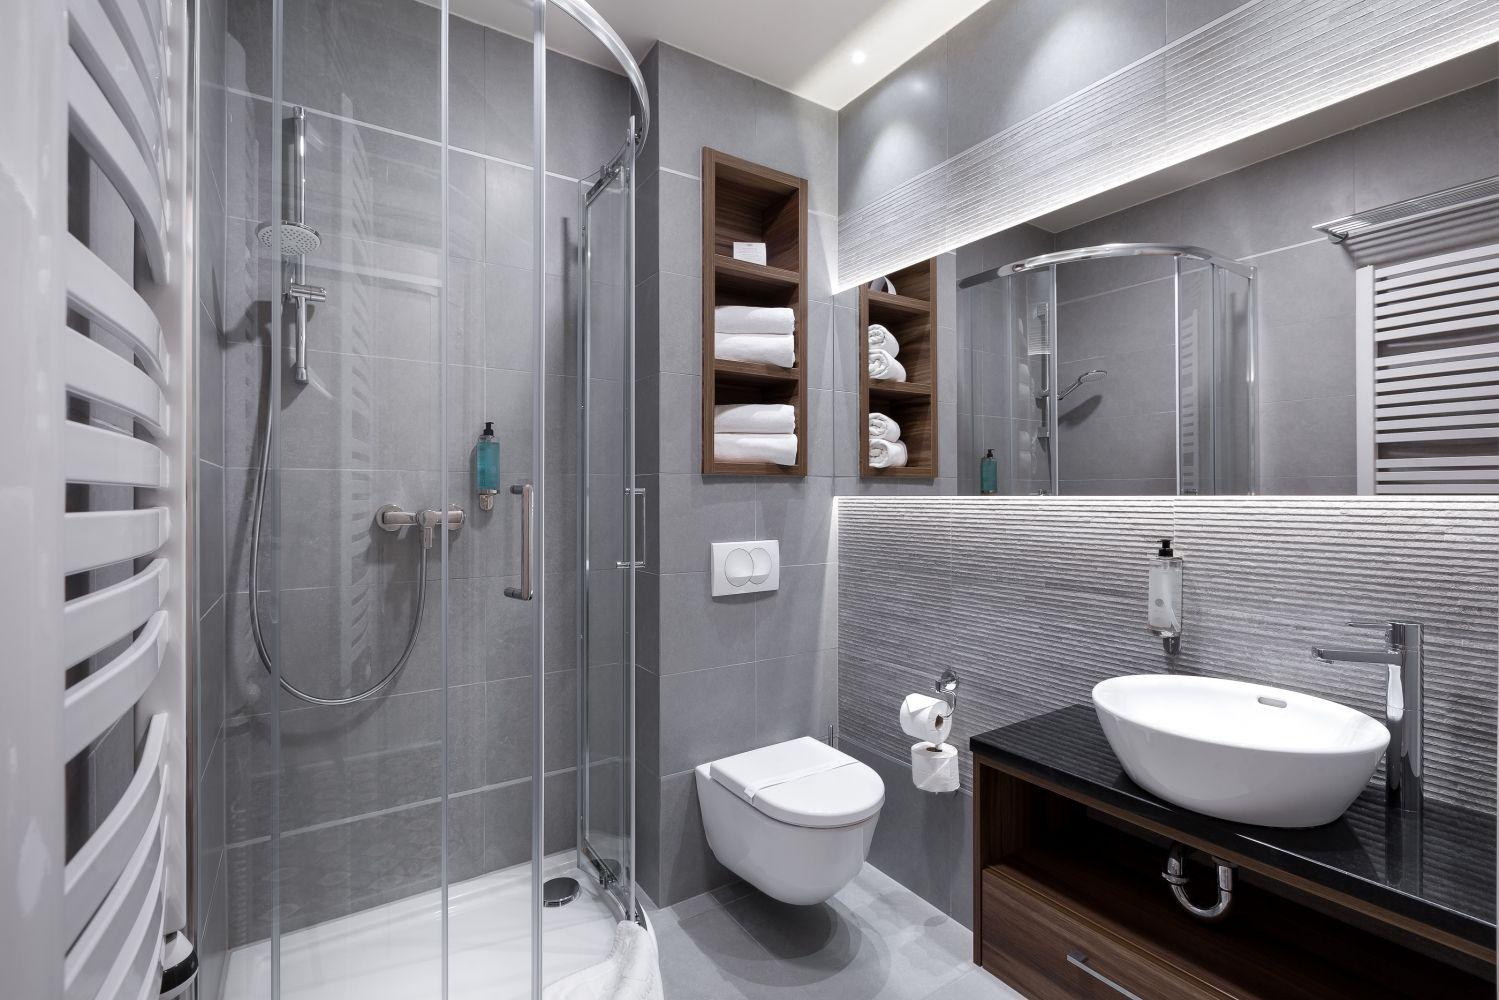 Aranżacja płytek z Bellamica w łazience Hotelu Kocierz